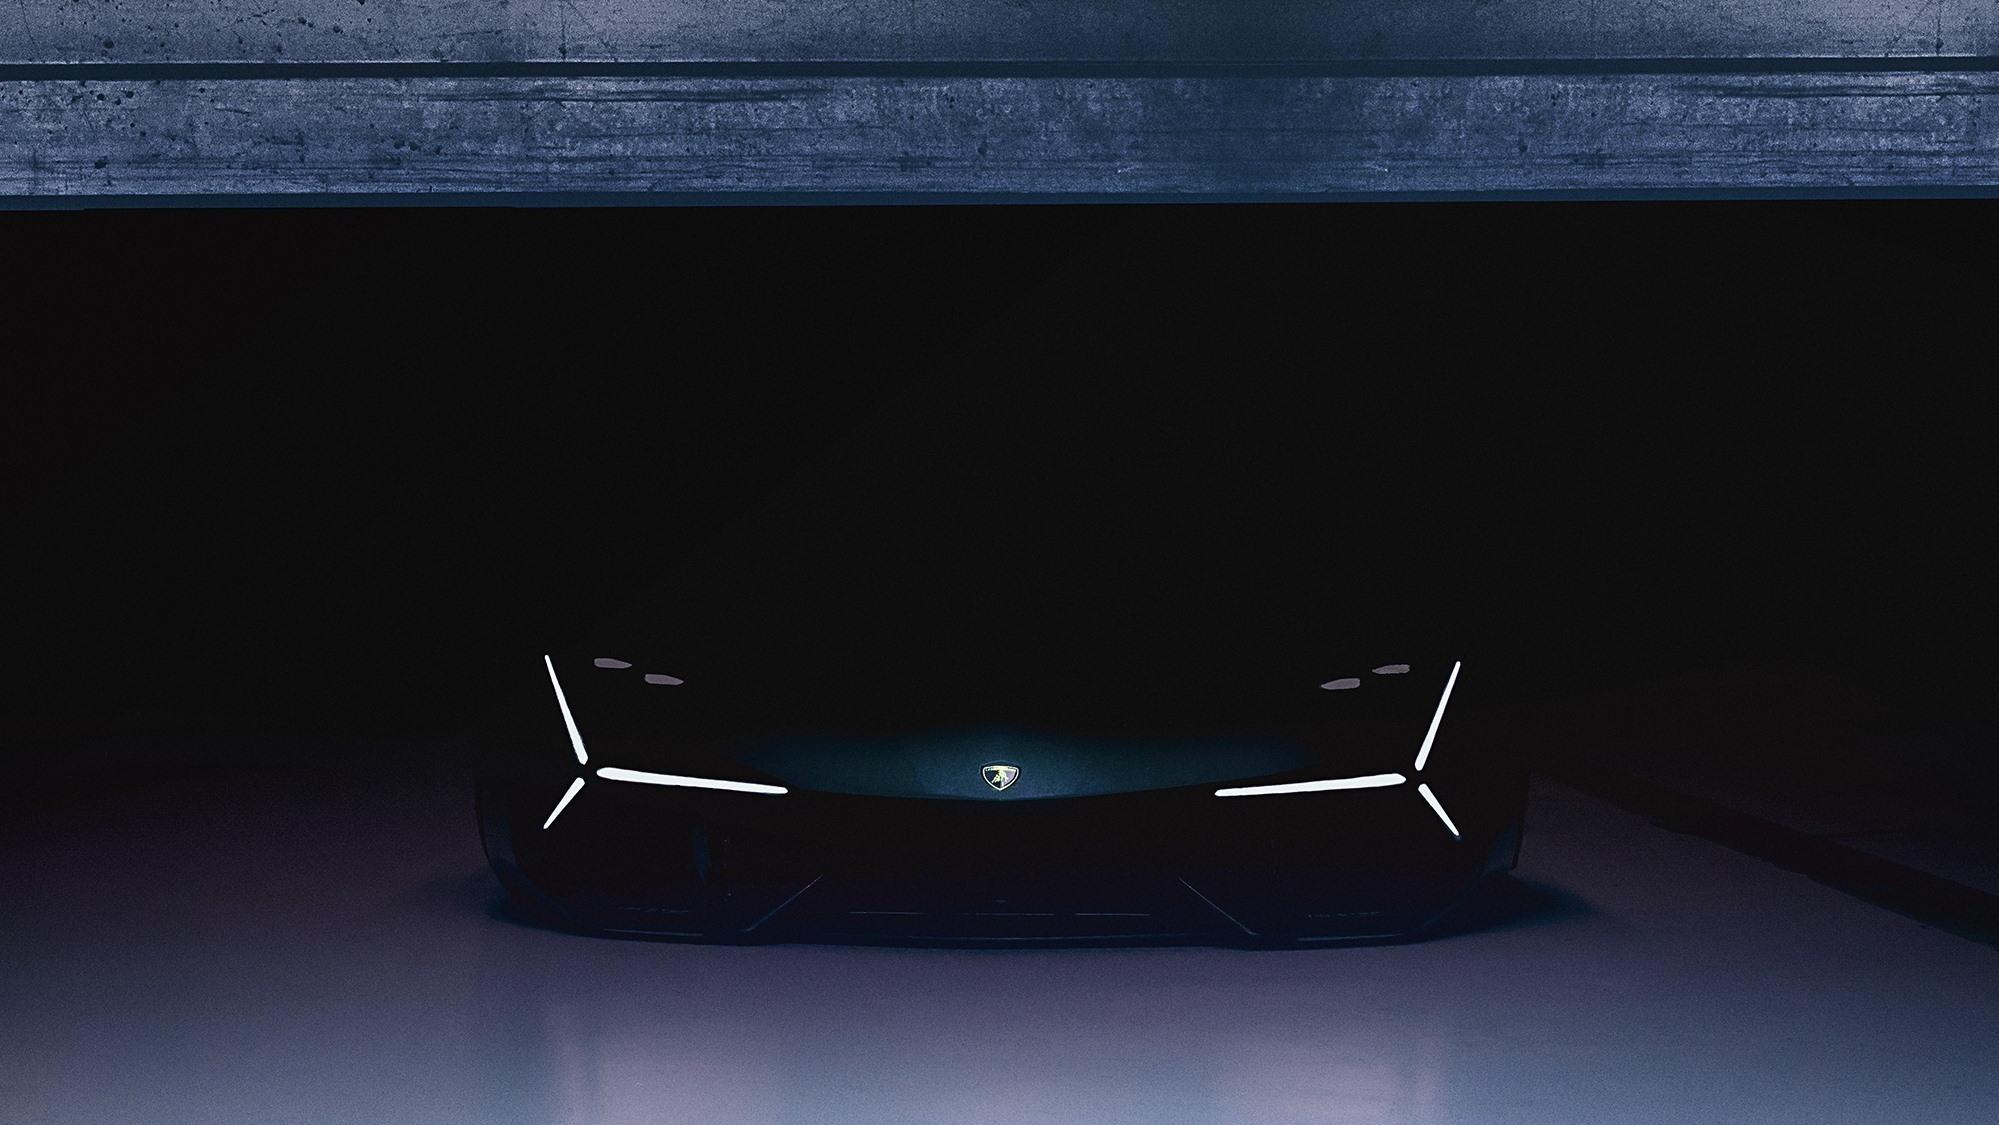 Lamborghini Terzo Millennio Free Lamborghini Has More To Comeu Soon